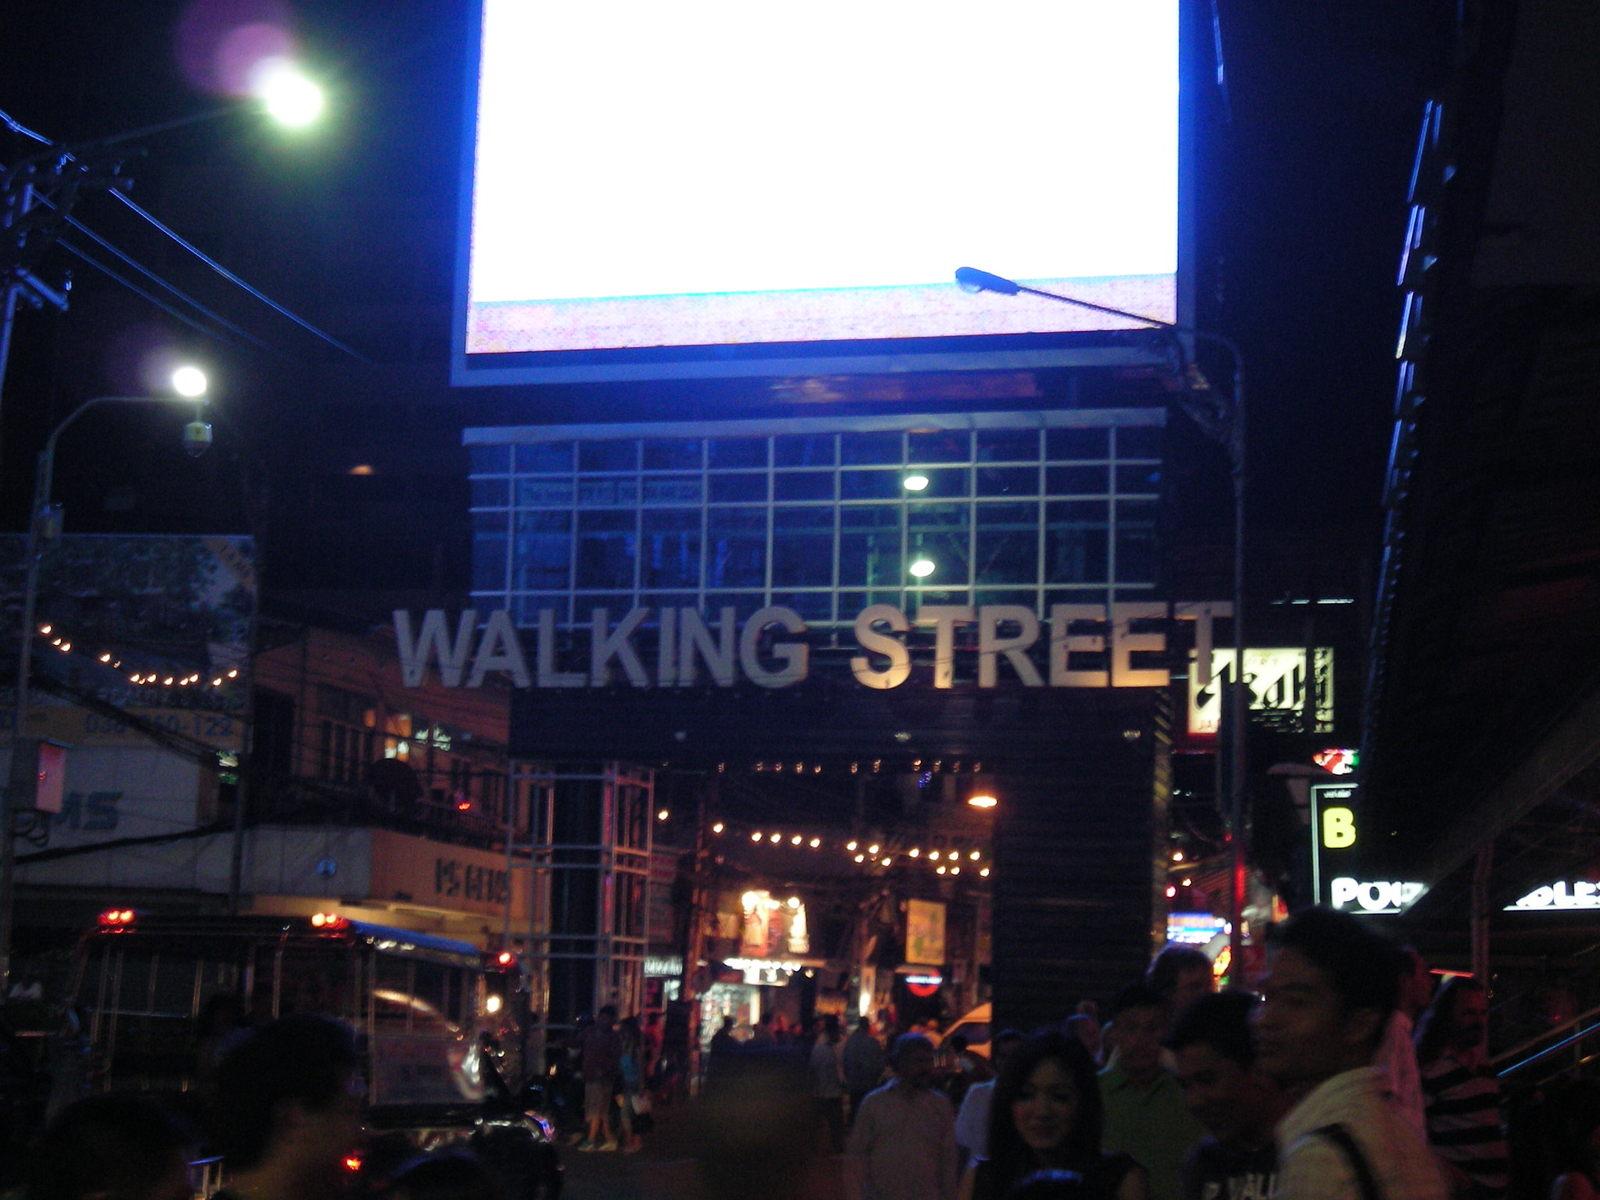 ウォーキングストリートの入り口